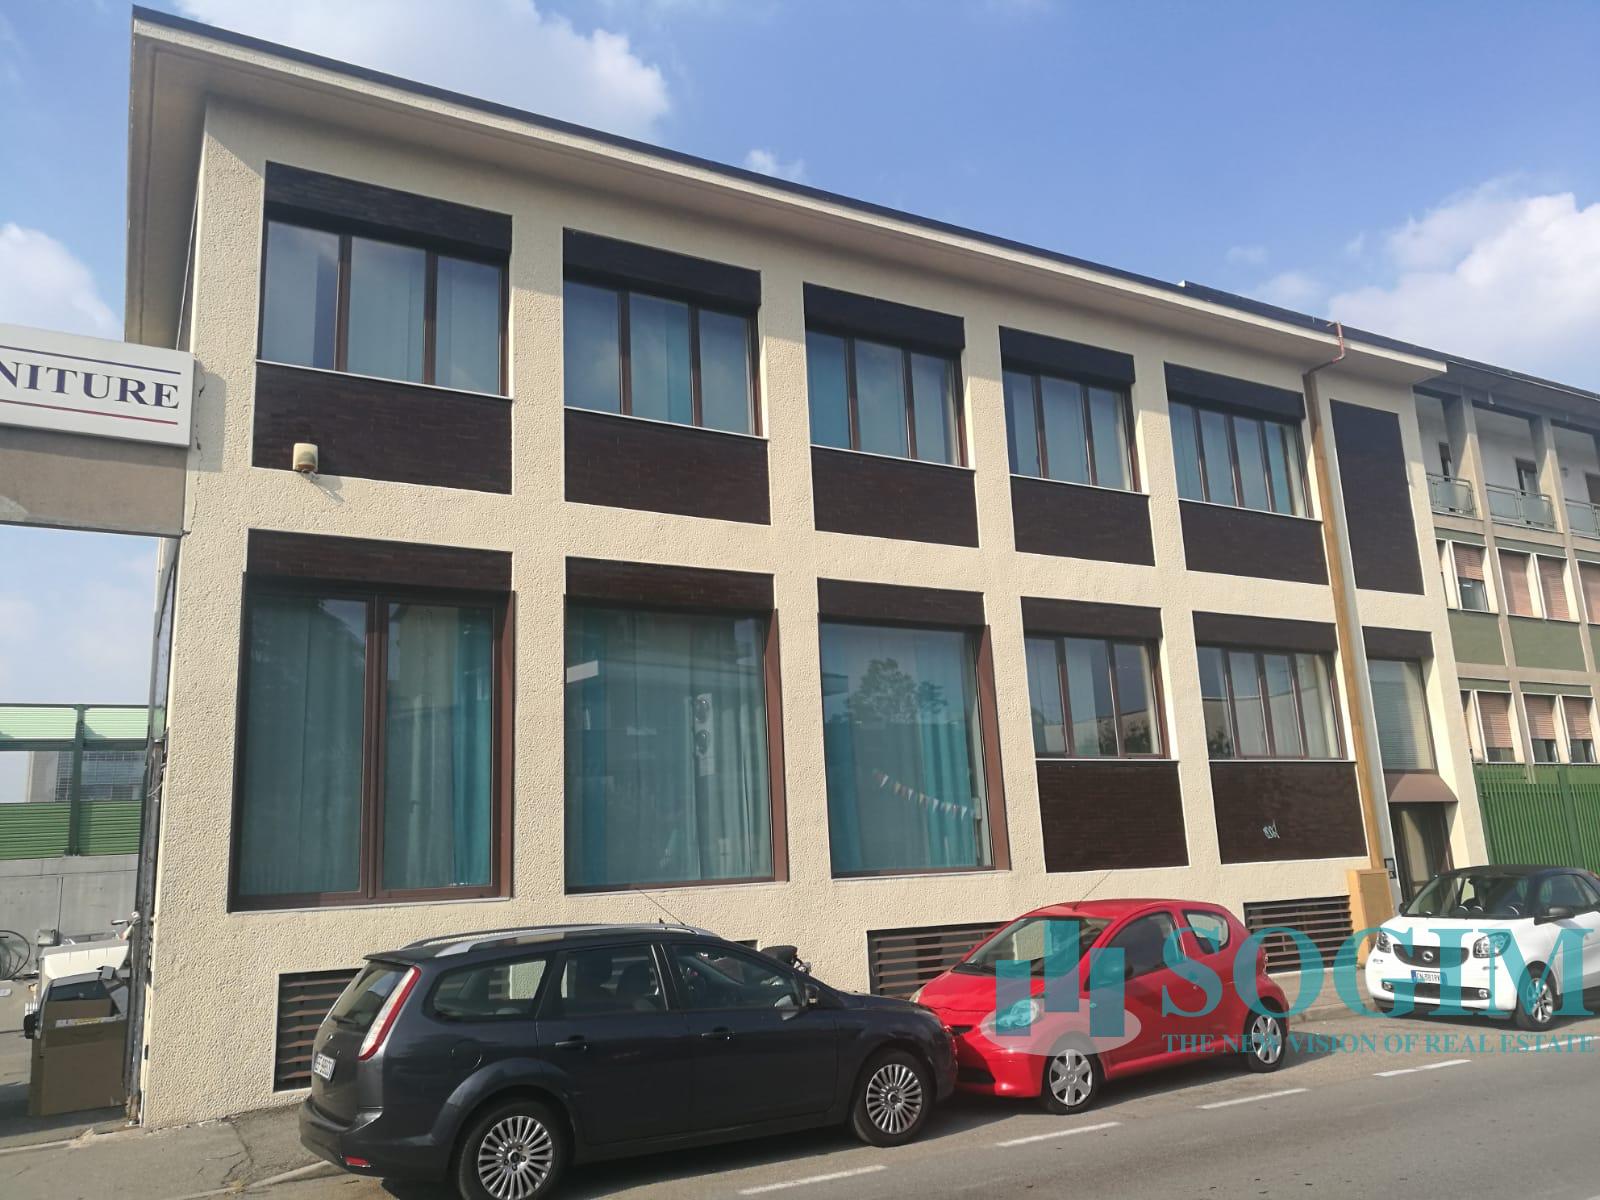 Laboratorio in vendita a Cormano, 9999 locali, prezzo € 950.000 | PortaleAgenzieImmobiliari.it